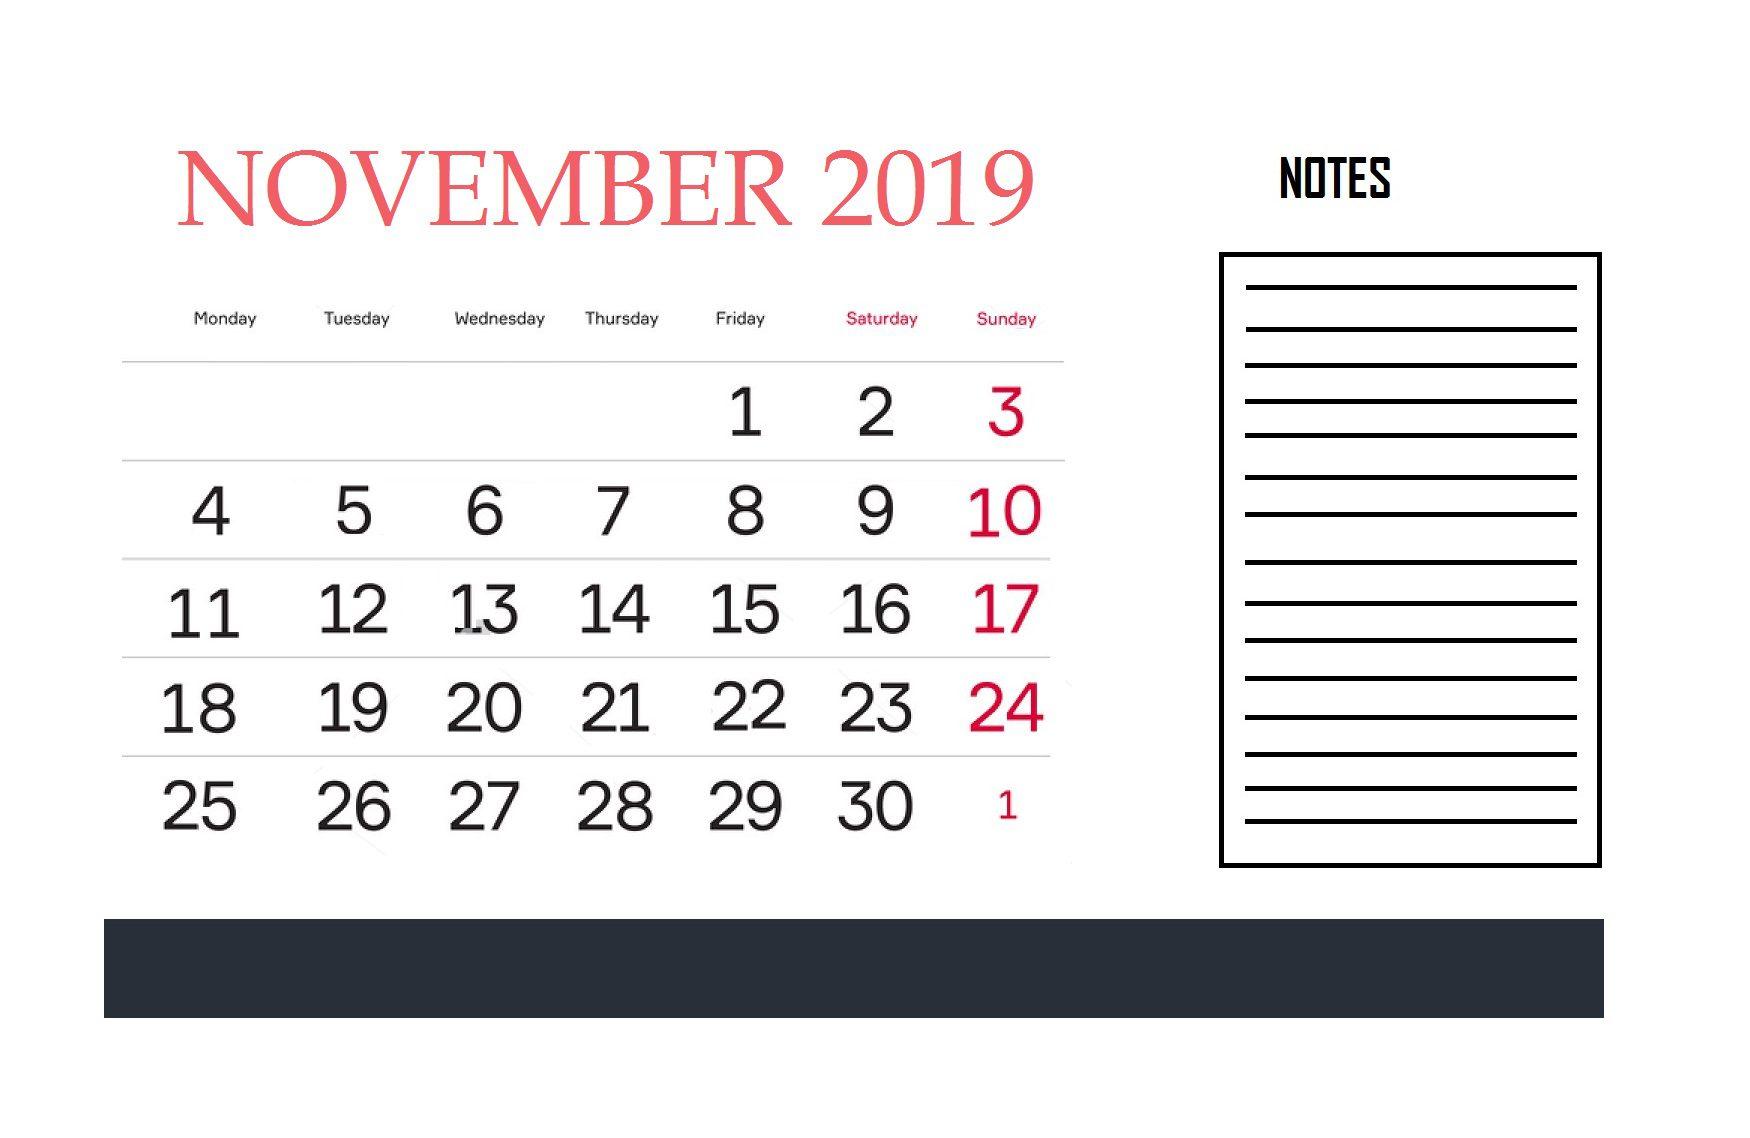 November 2019 Calendar For Office Wall